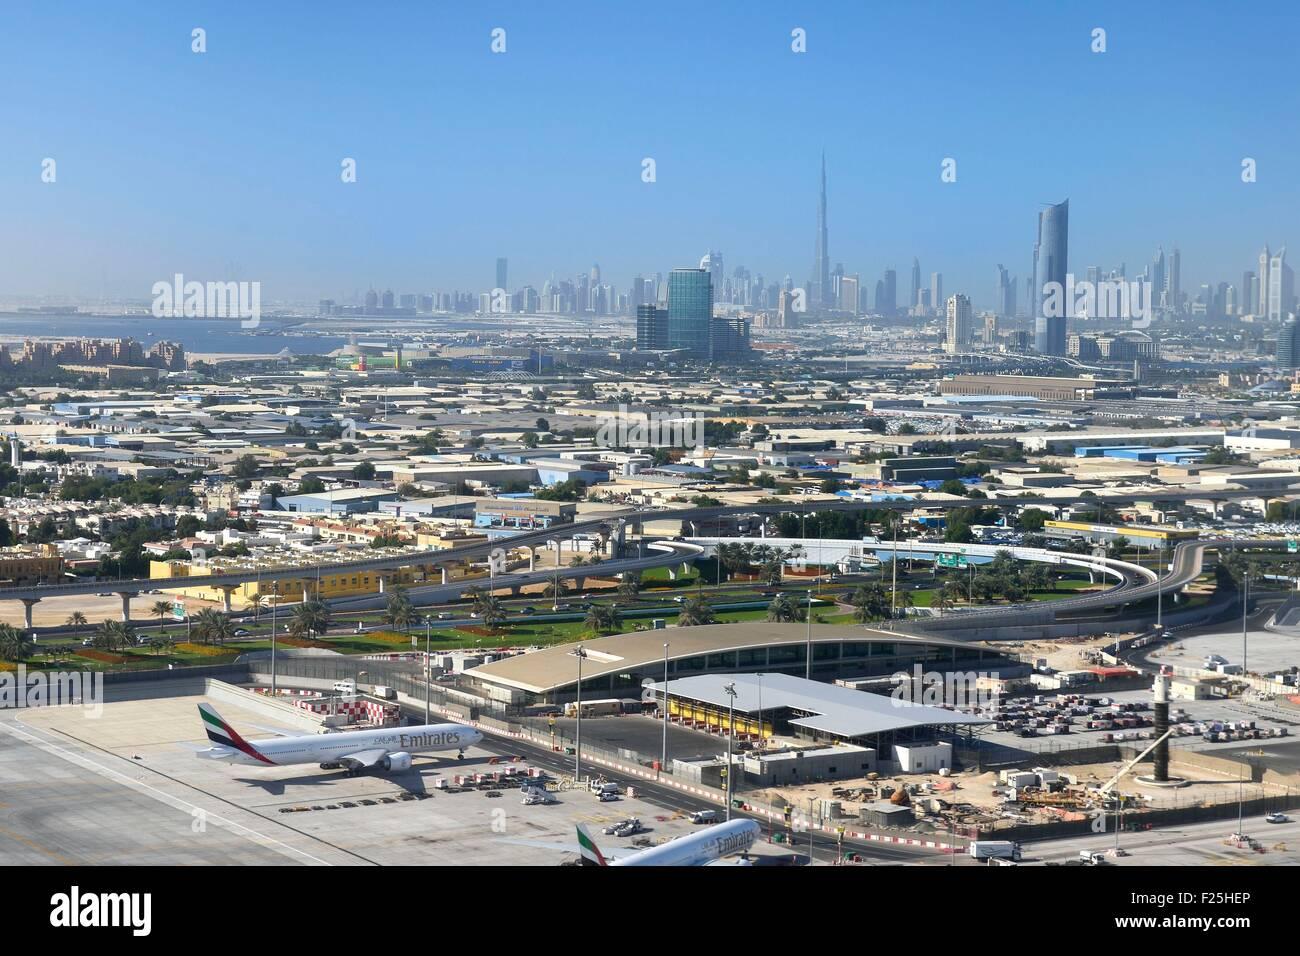 Emirati Arabi Uniti Dubai, Dubai International Airport e il centro della città in background (vista aerea) Immagini Stock